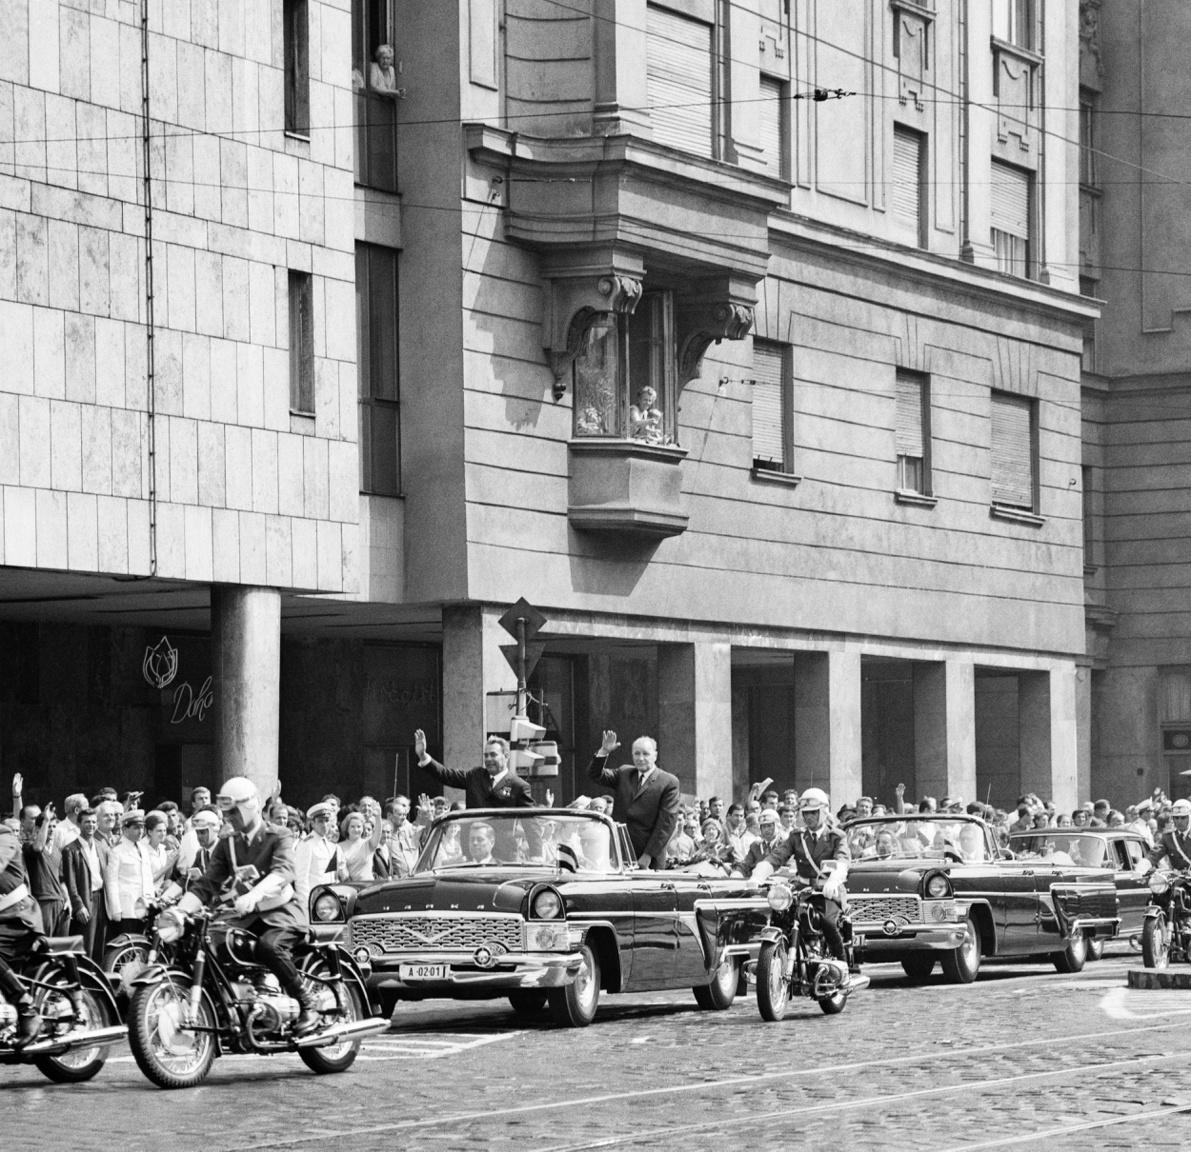 Brezsnyev és Kádár konvoja az Üllői úton, 1967. szeptemberében, amikor a két elvtárs aláírja az új magyar-szovjet barátsági, együttműködési és kölcsönös segítségnyújtási szerződést. Ballát egy alkalommal azzal vádolták: képeivel lejáratja a szocializmust.